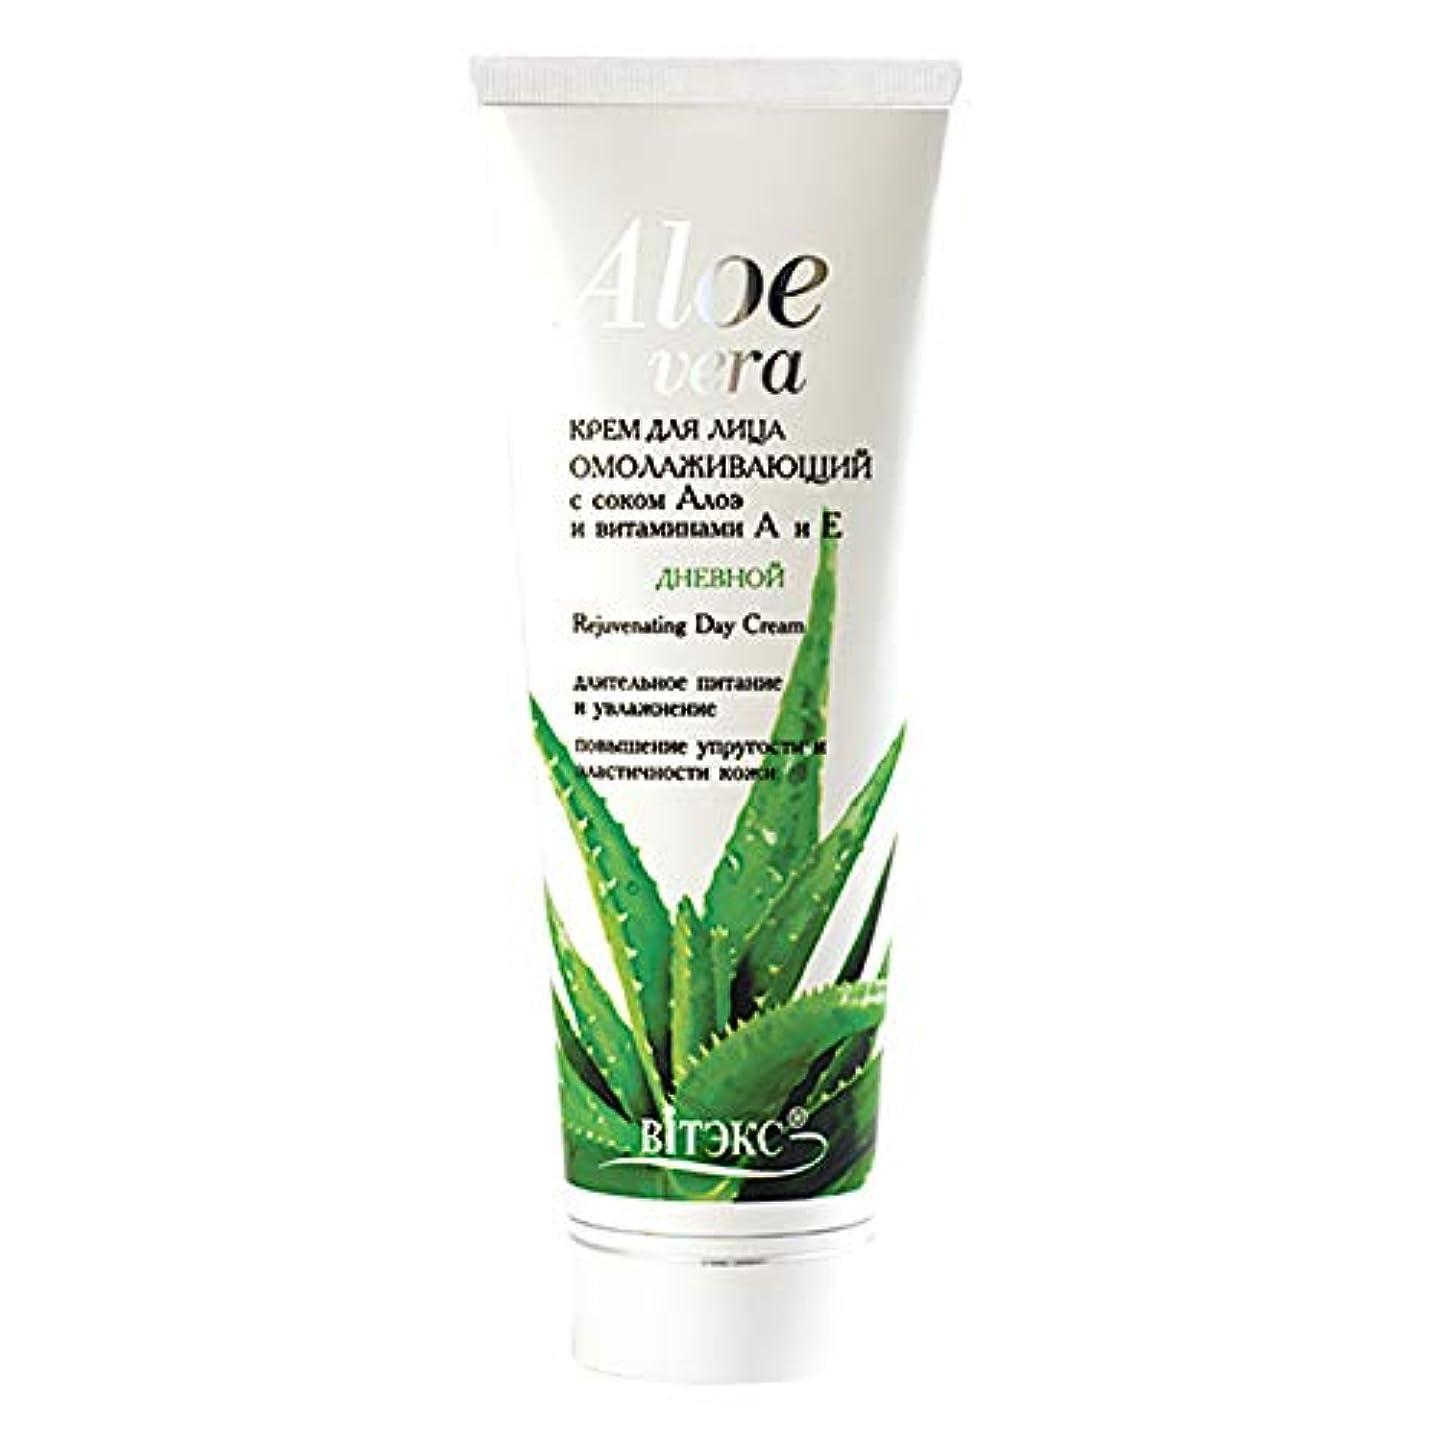 化学薬品入り口サンダースBielita & Vitex | Aloe Vera Line | Face Day Cream 30+ for All Skin Types | Aloe Juice | Vitamins A and E | 75 ml